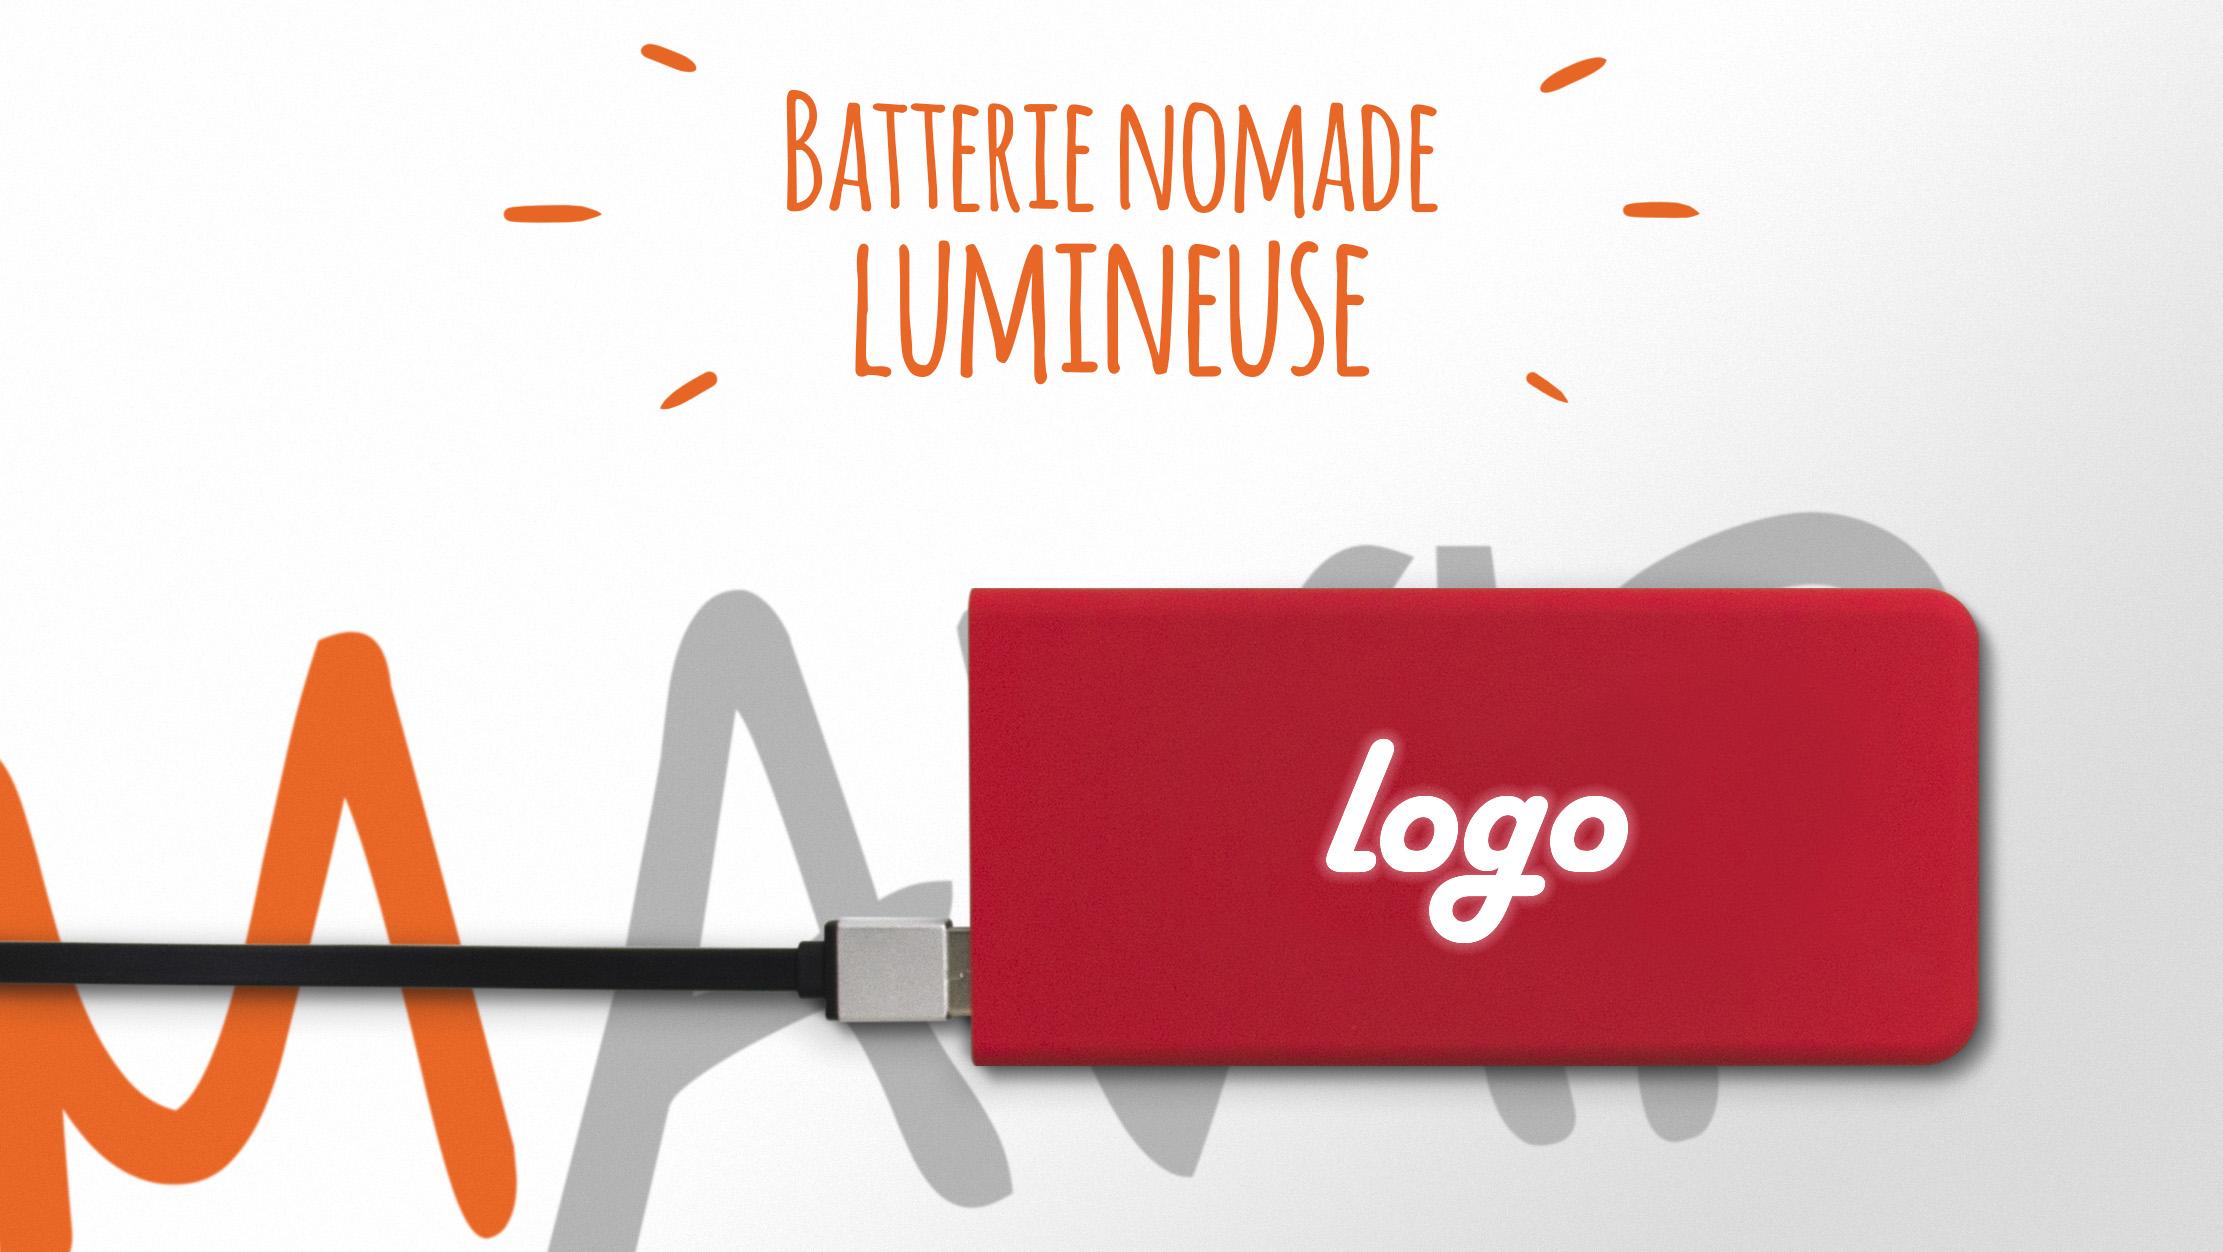 Batterie nomade pour smartphone avec logo lumineux